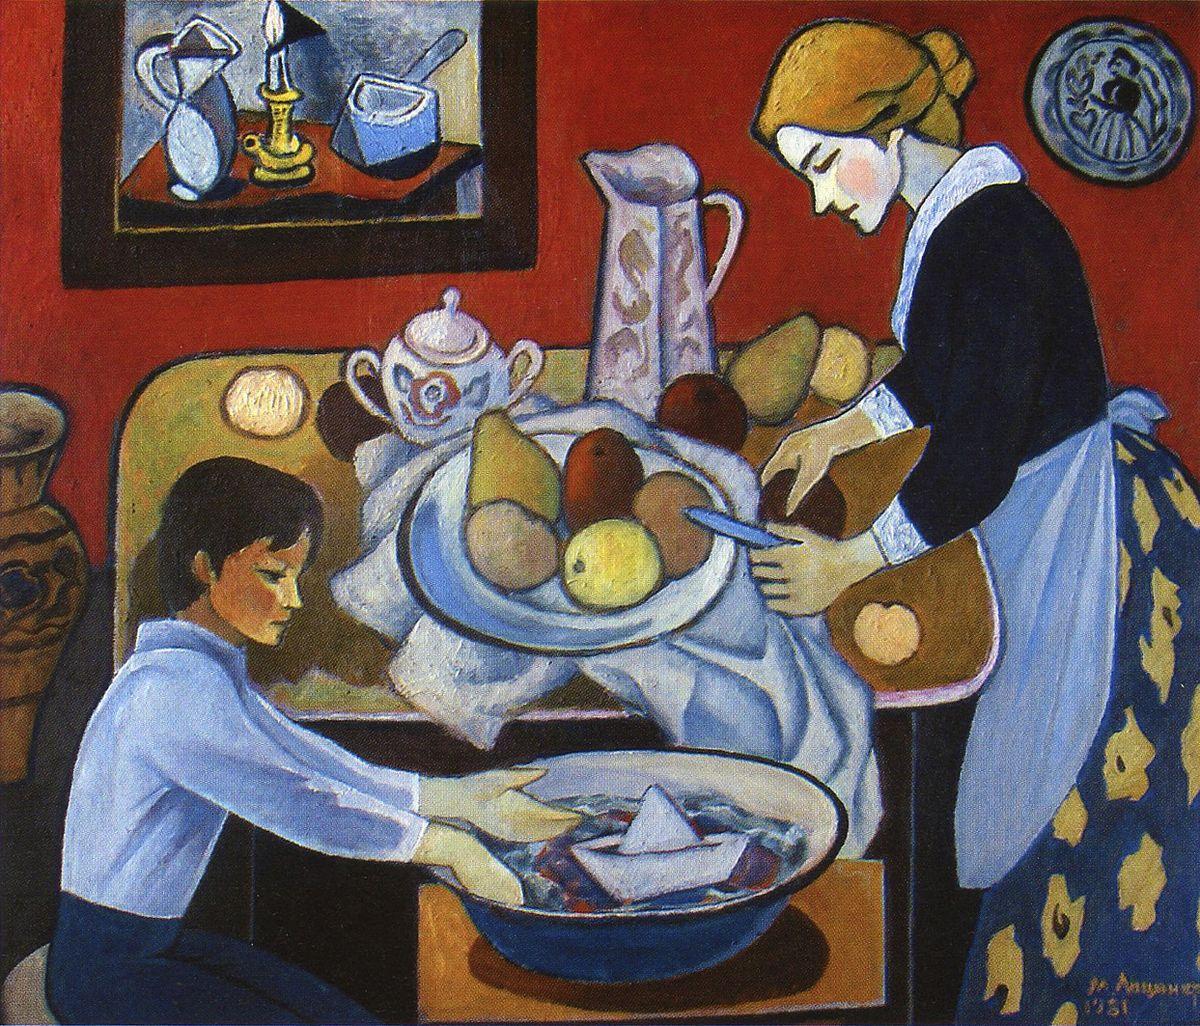 Михайло Ліщинер. Десерт, 1981